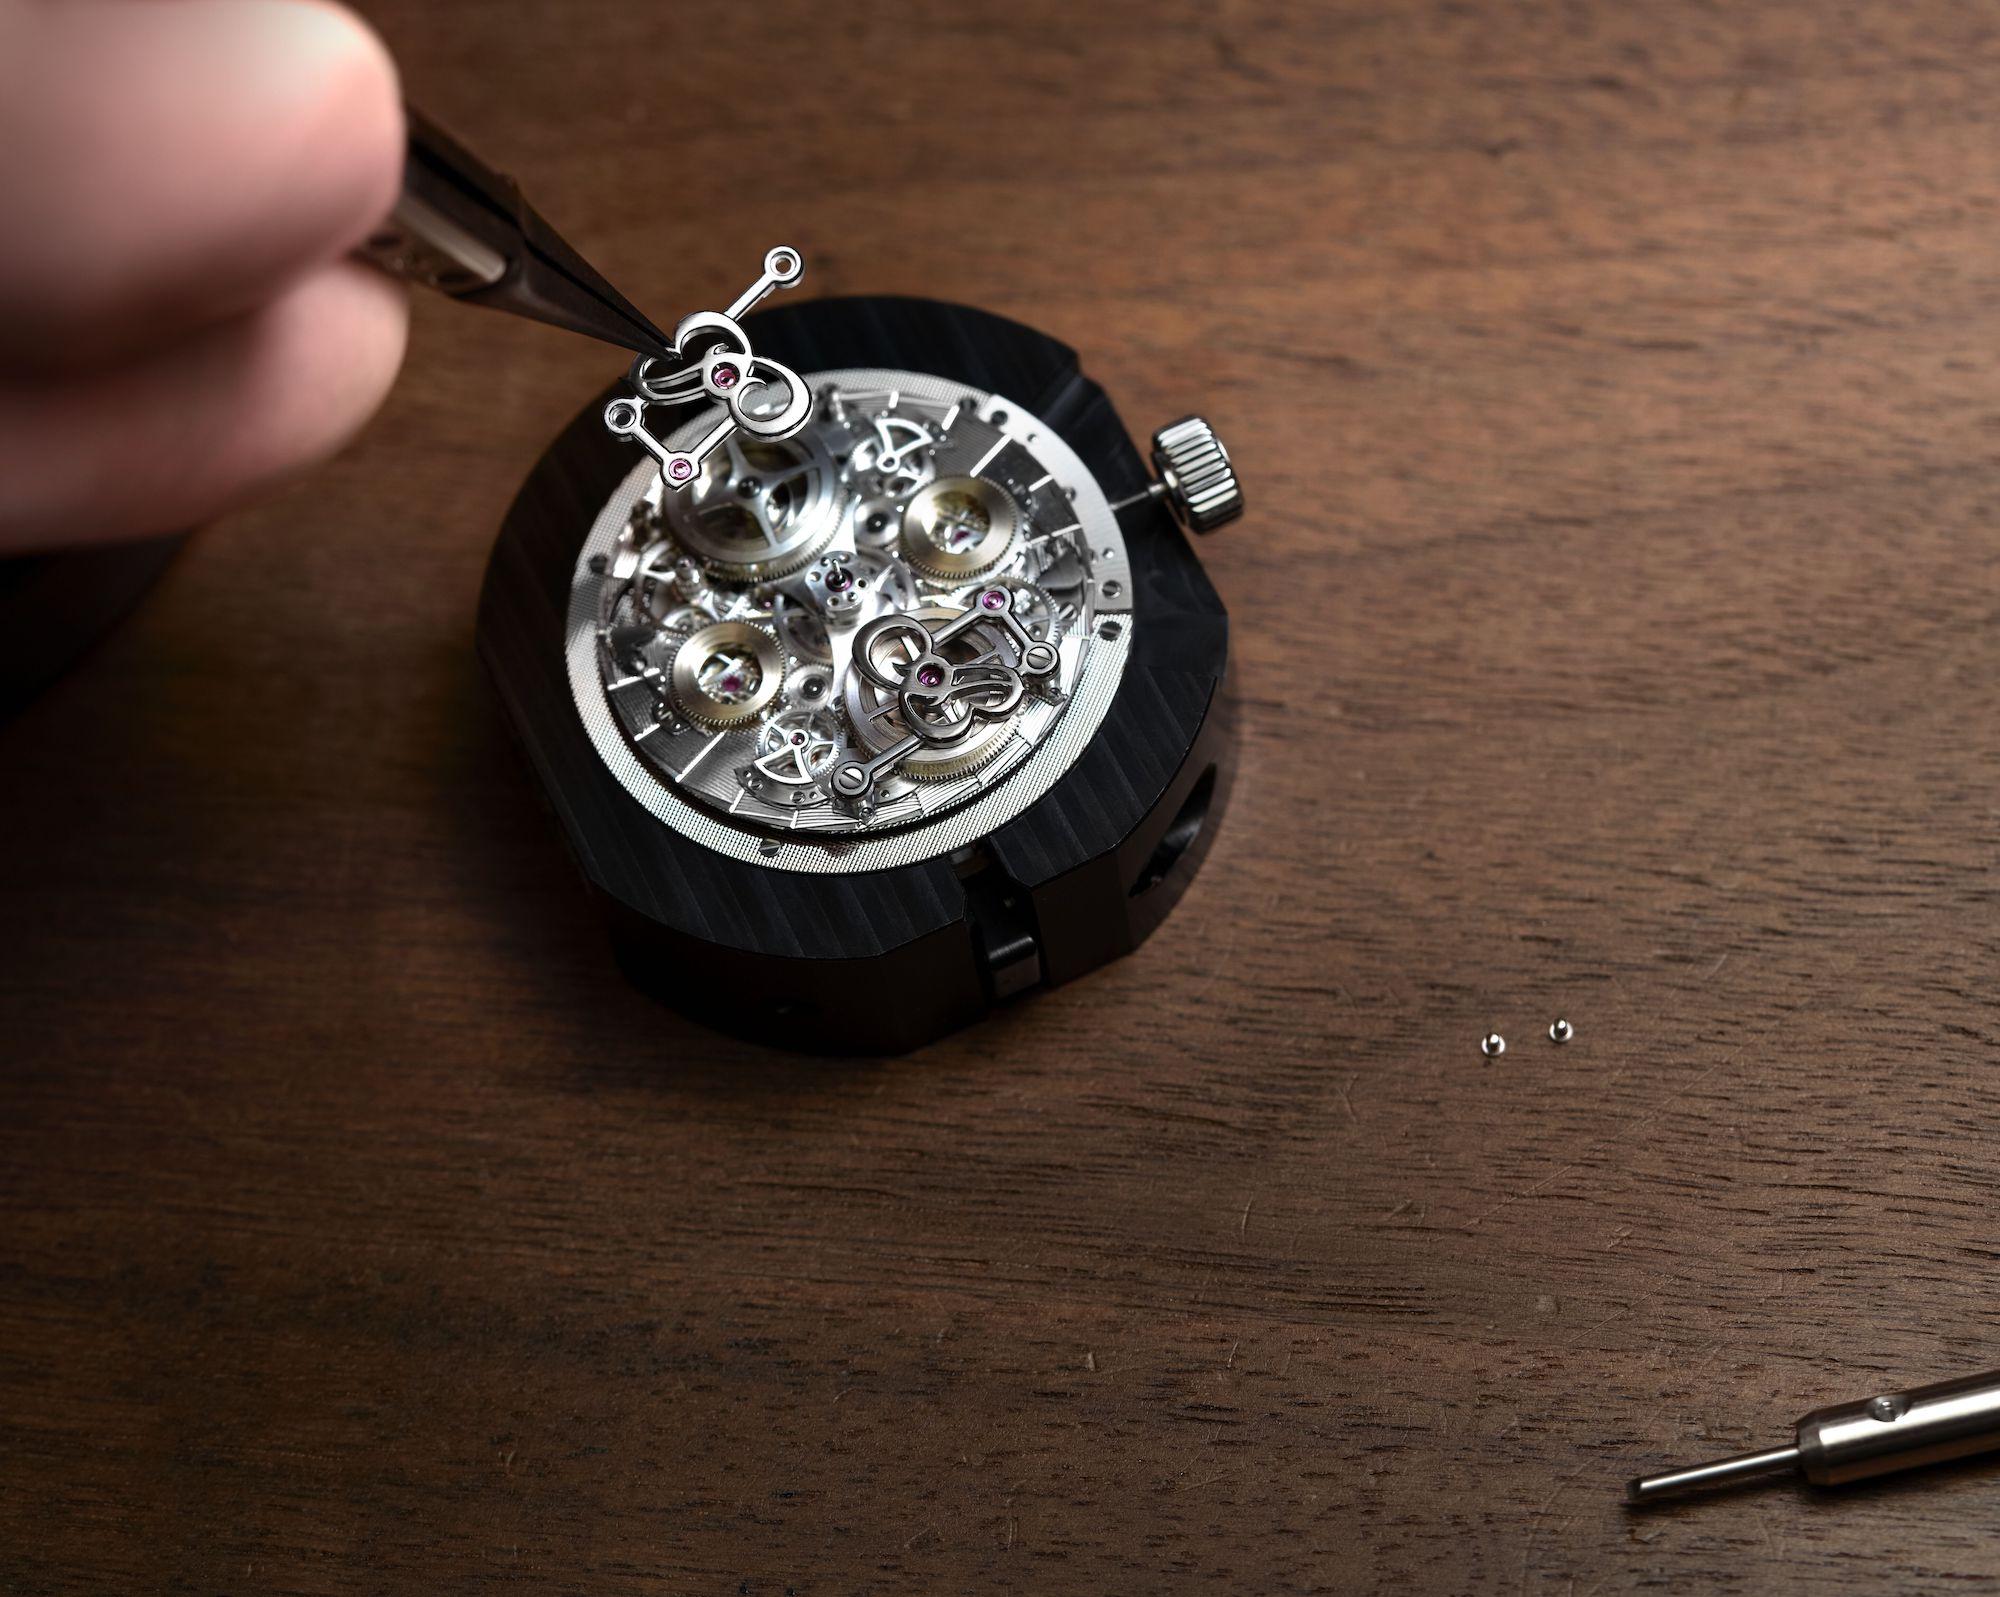 Breguet Classique Double Tourbillon Quai de l'Horloge 5345 detalle barrilete